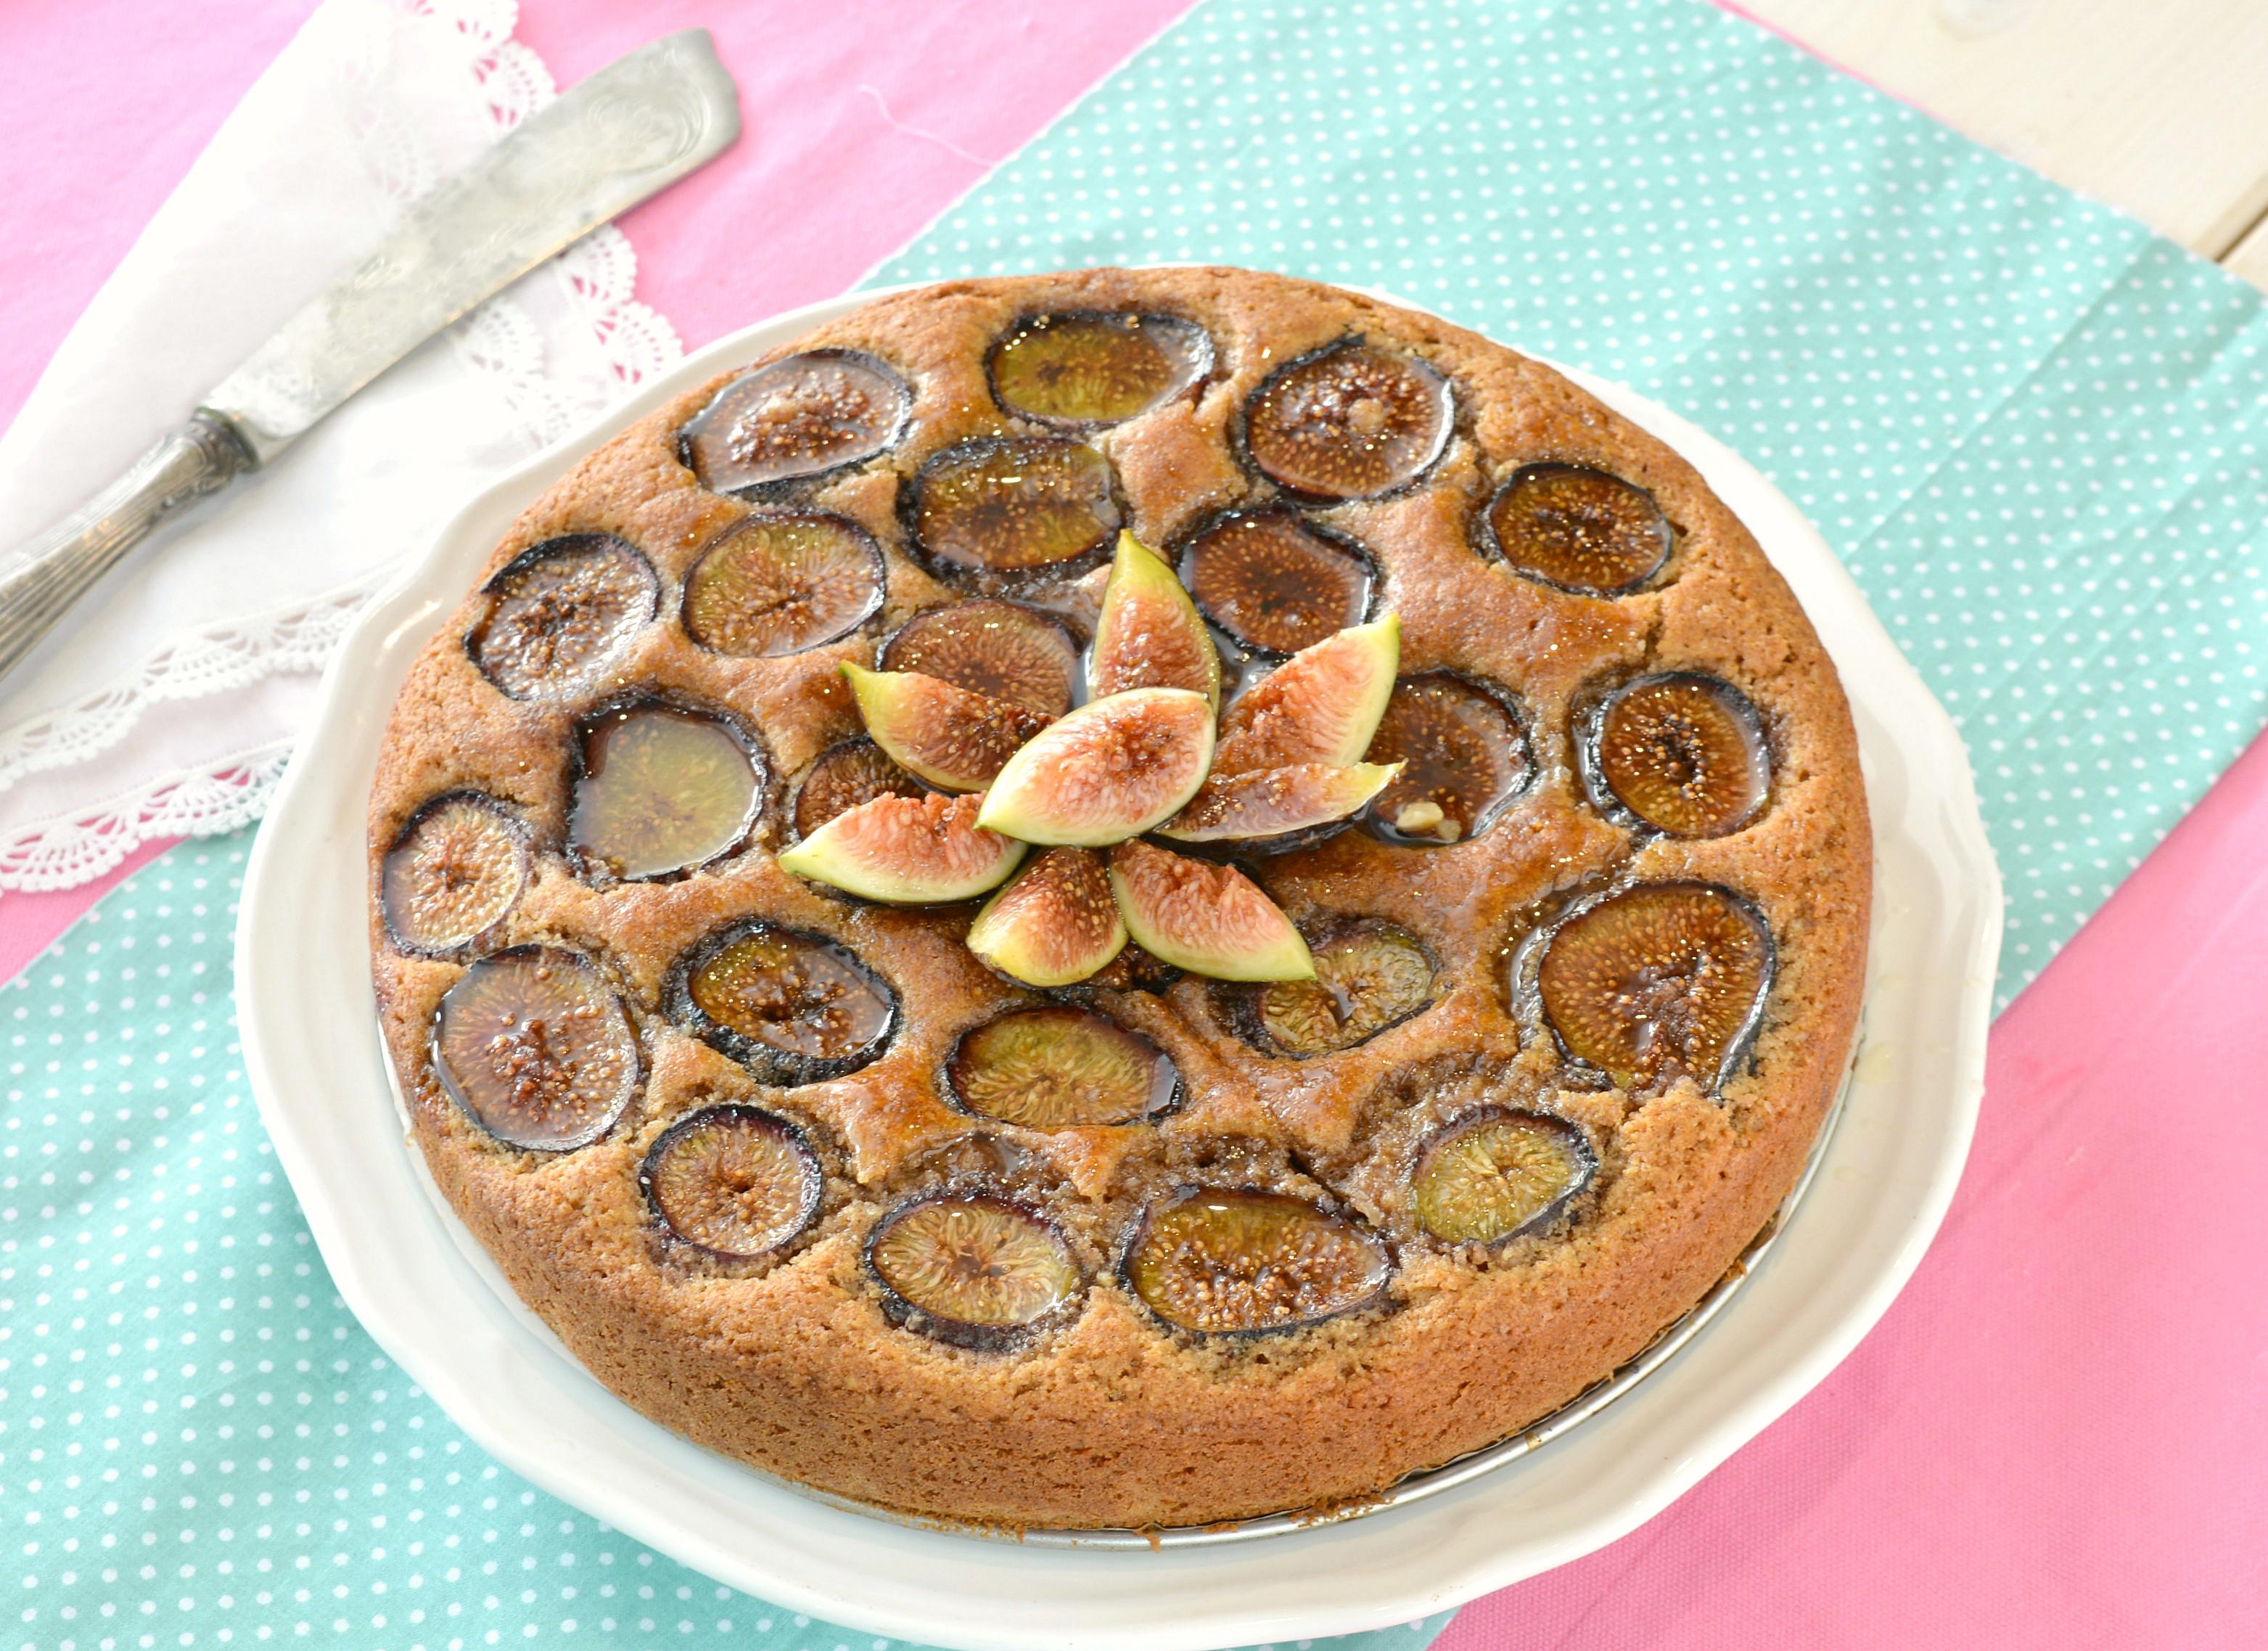 Torta integrale di fichi con noci e miele